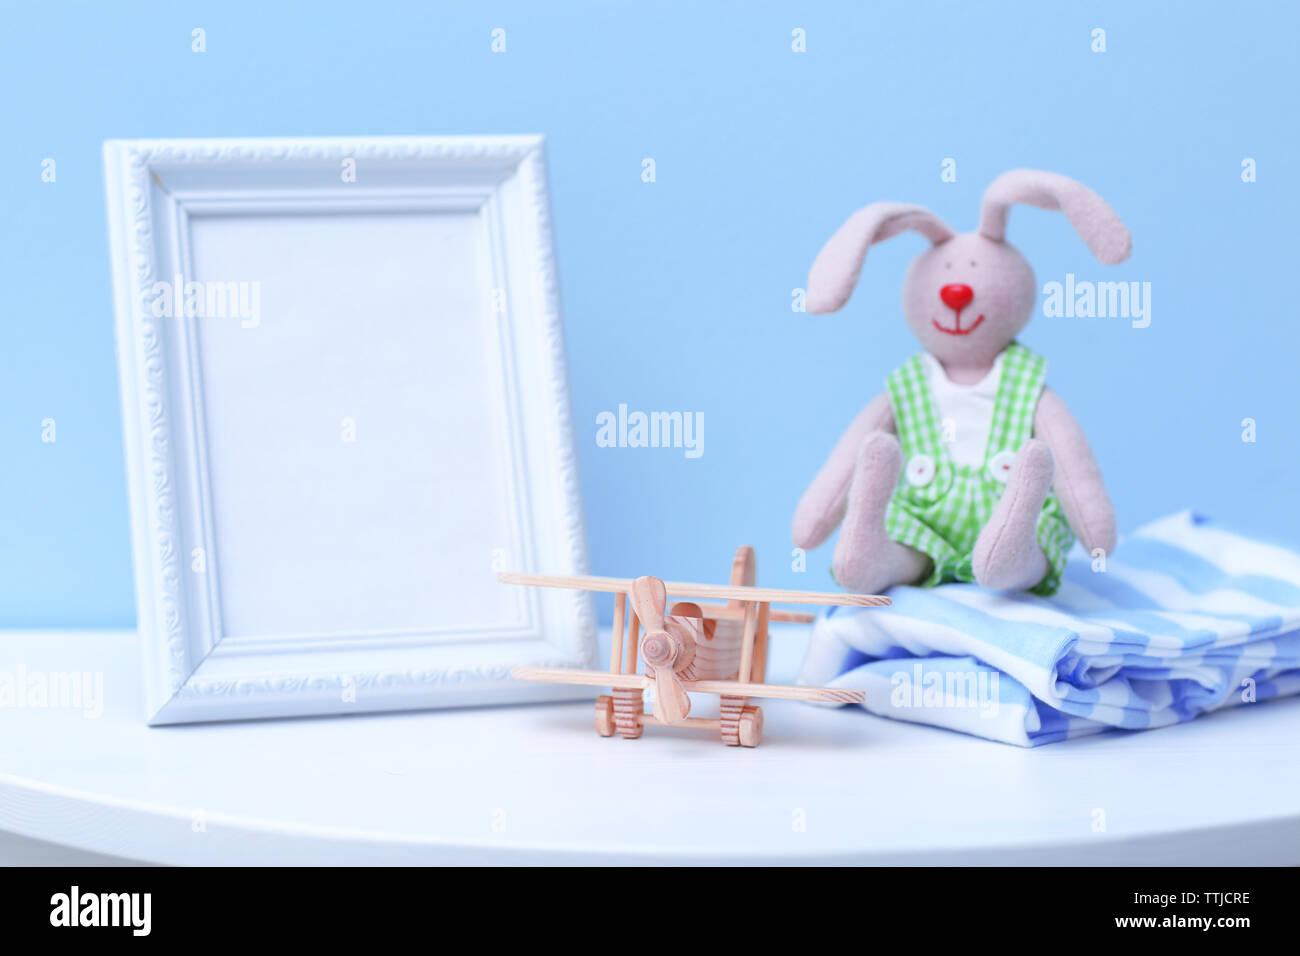 Baby Spielzeug und Rahmen auf der blauen Wand Hintergrund Stockbild